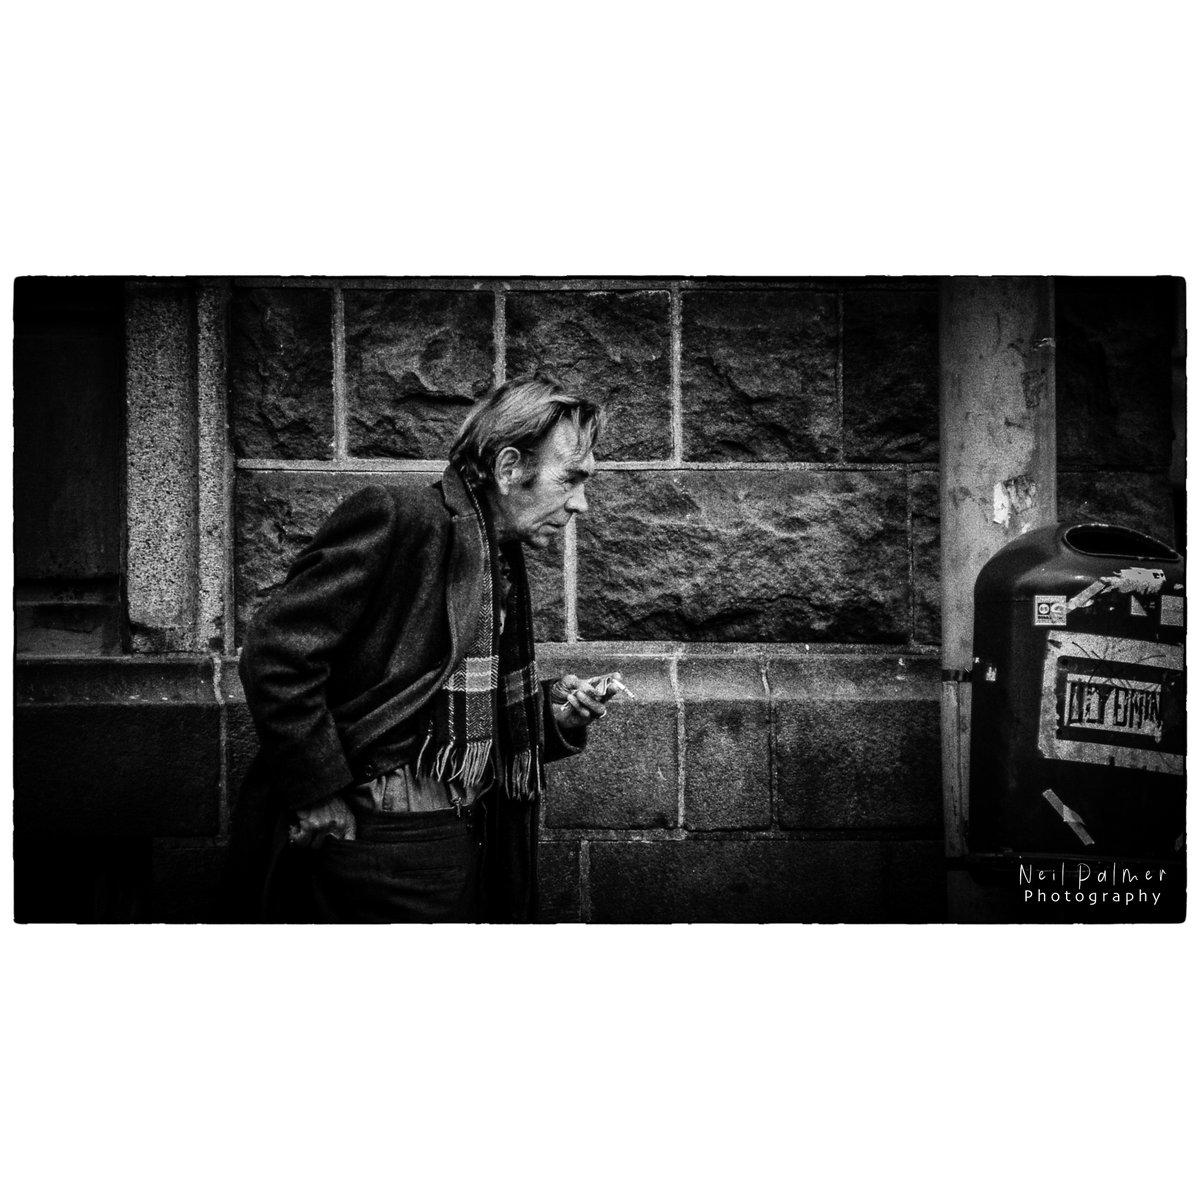 #streetphotography #streetphoto #streetphotograph #streetportrait #iceland #icelandic #Icelandlove #icelandphoto #icelandphotography #icelandlife #icelandphotographer #reykjavik #ísland #analoguephotography #analoguephotographer #analogueshooter #monochrome #monochromephotographpic.twitter.com/ise9ZgXMm5